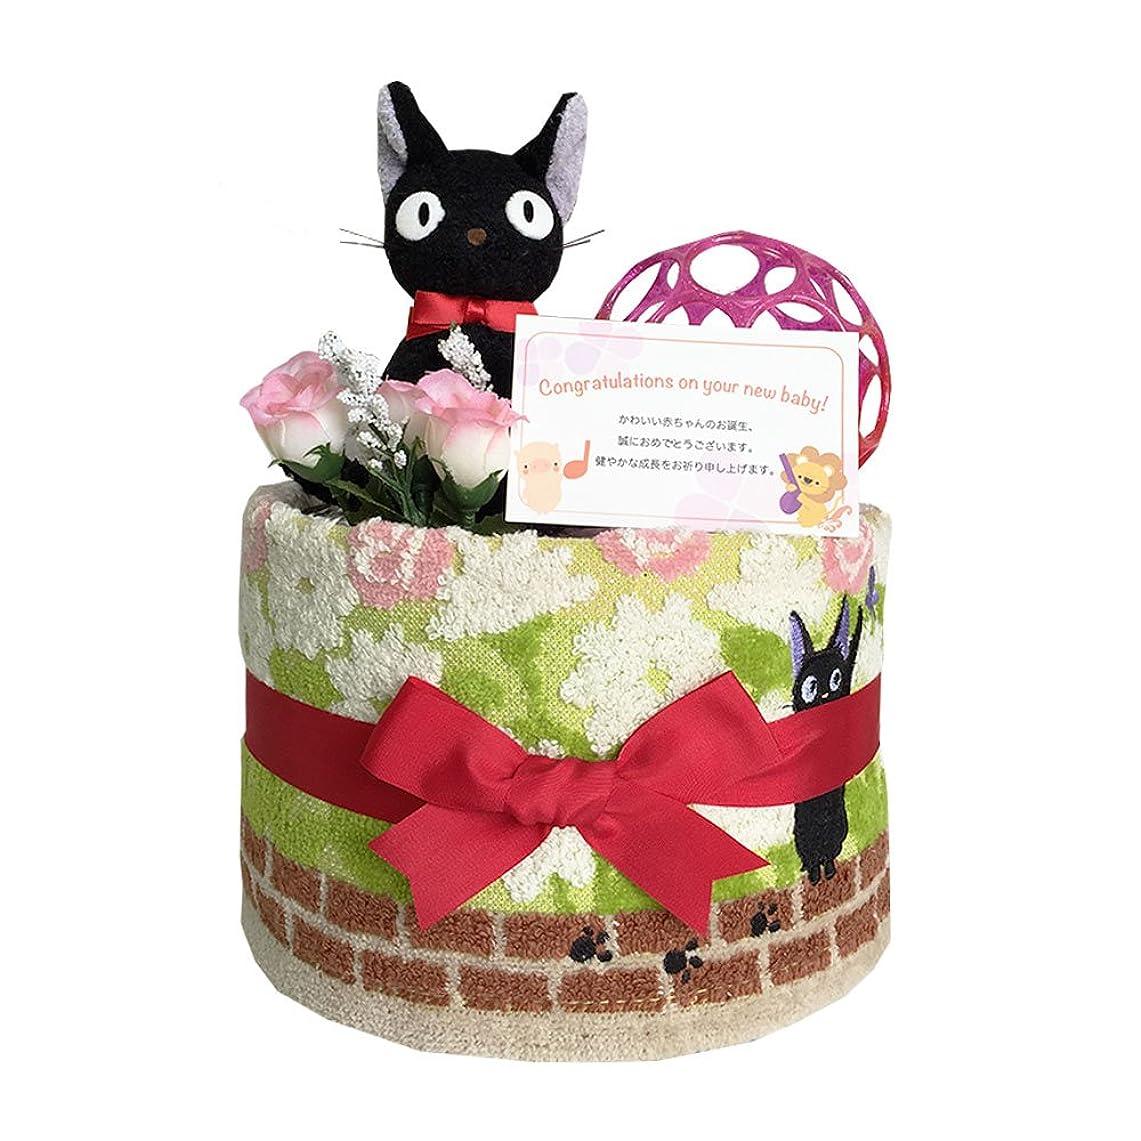 作動するマーキー然としたおむつケーキ [ 女の子/ジジ : 魔女の宅急便 / 1段 ] パンパースM18枚 (1歳の誕生日プレゼントに大人気)1001 ダイパーケーキ ギフト ハーフバースデー にもおすすめ